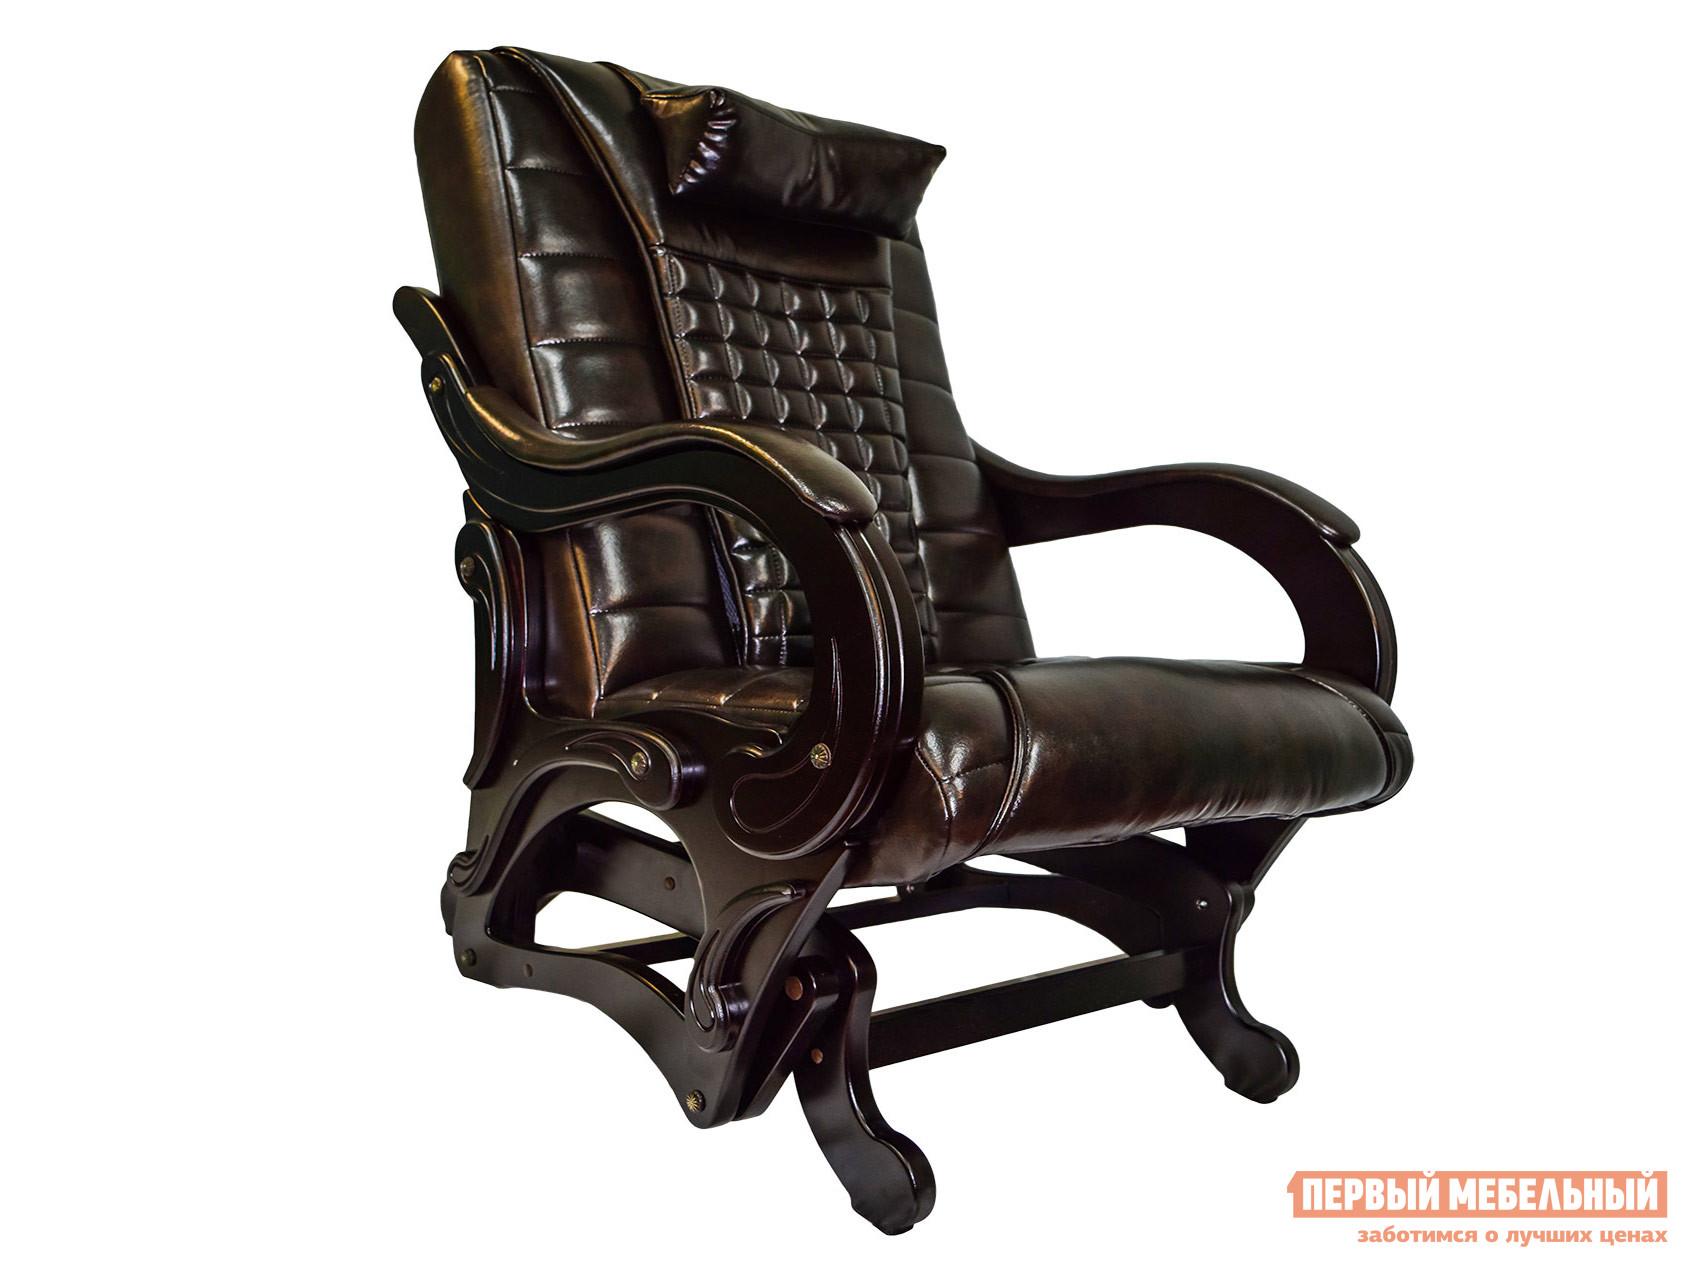 Кресло-качалка Relaxa EG-2003 LUX кресло качалка relaxa eg 2001 se elite